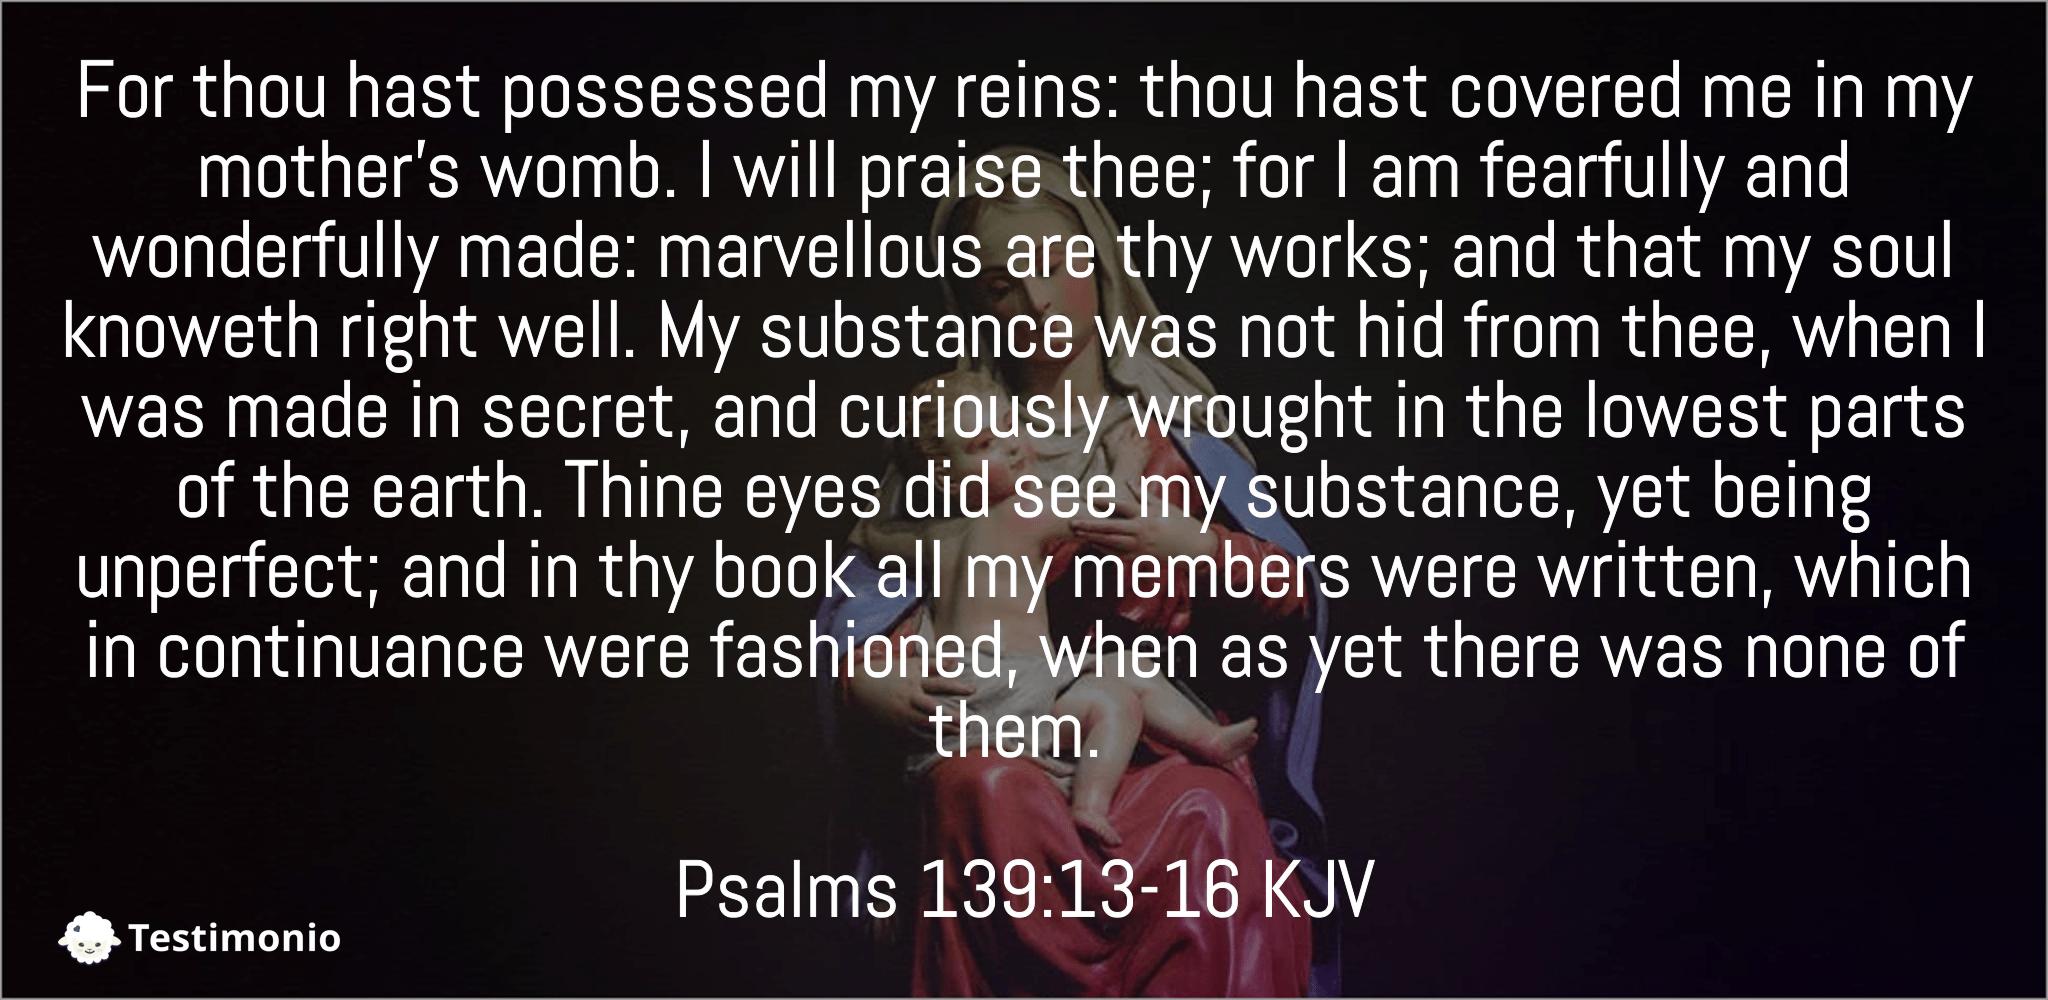 Psalms 139:13-16